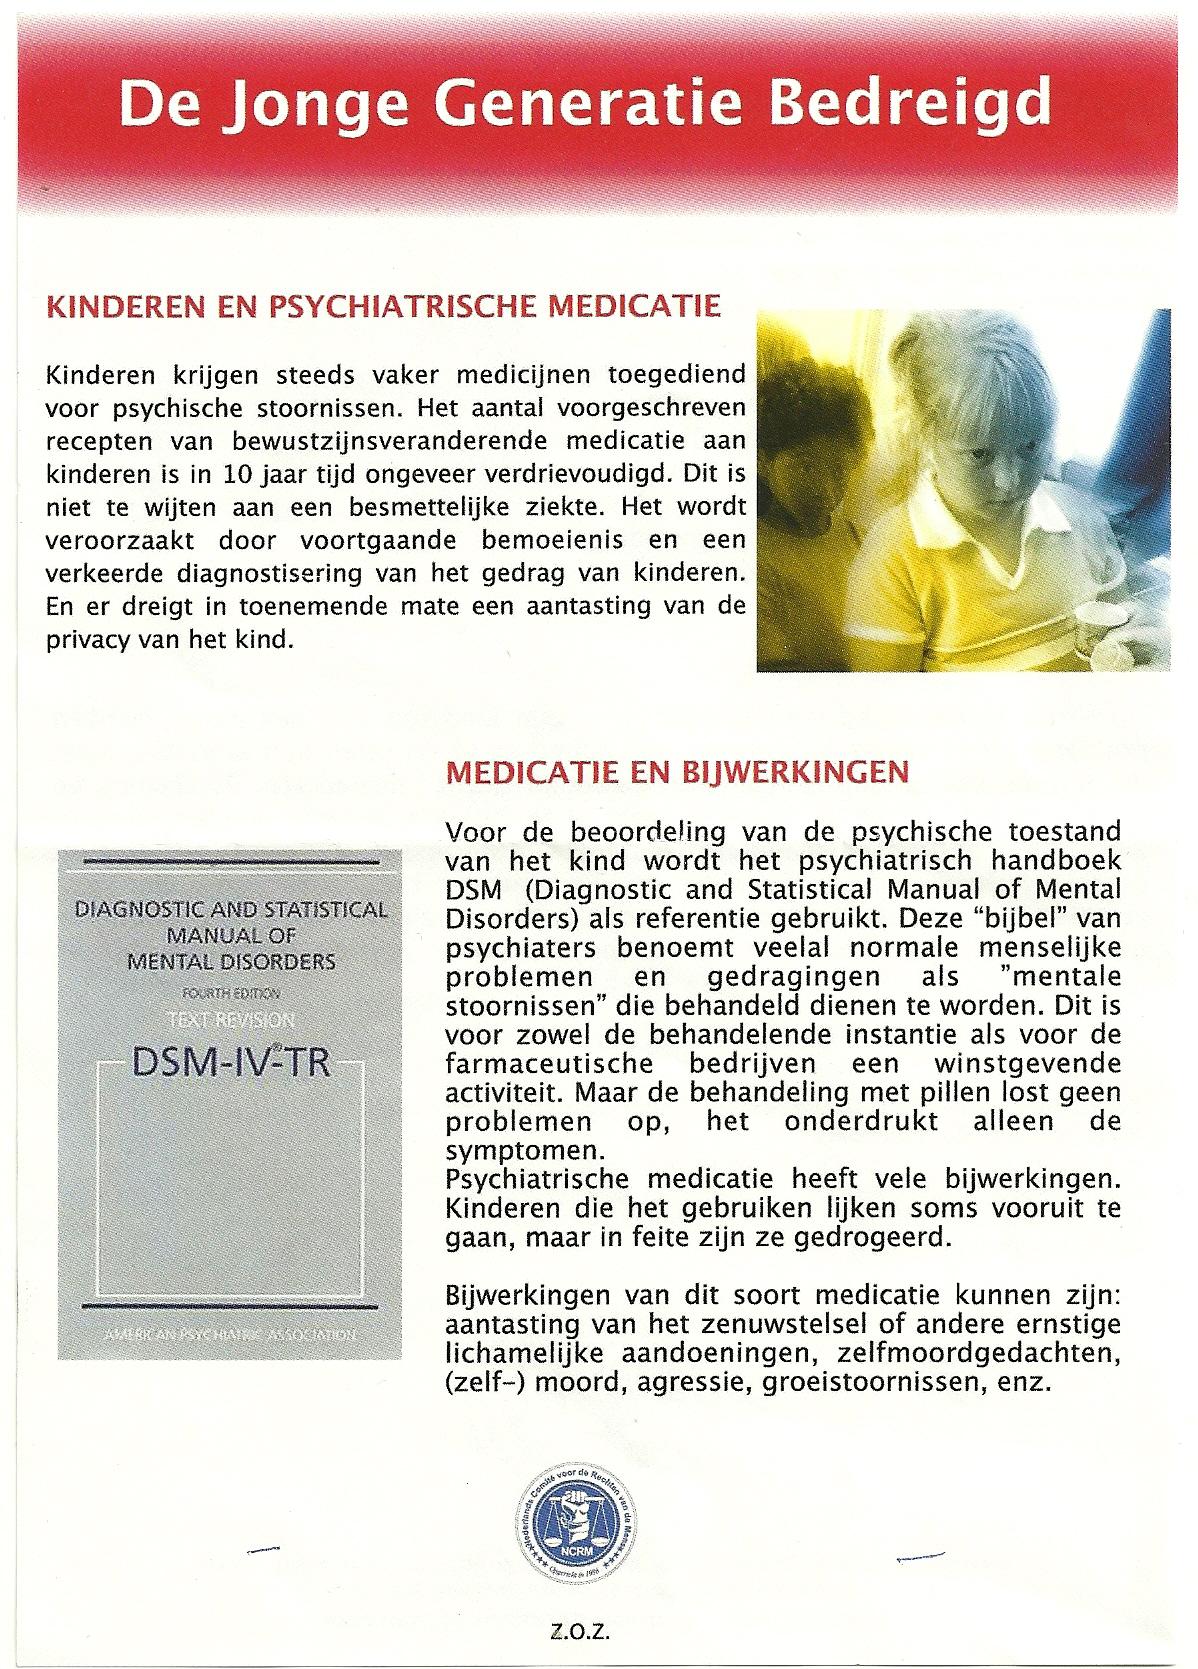 Flyer voorkant - De jonge generatie bedreigd met ADHD medicatie